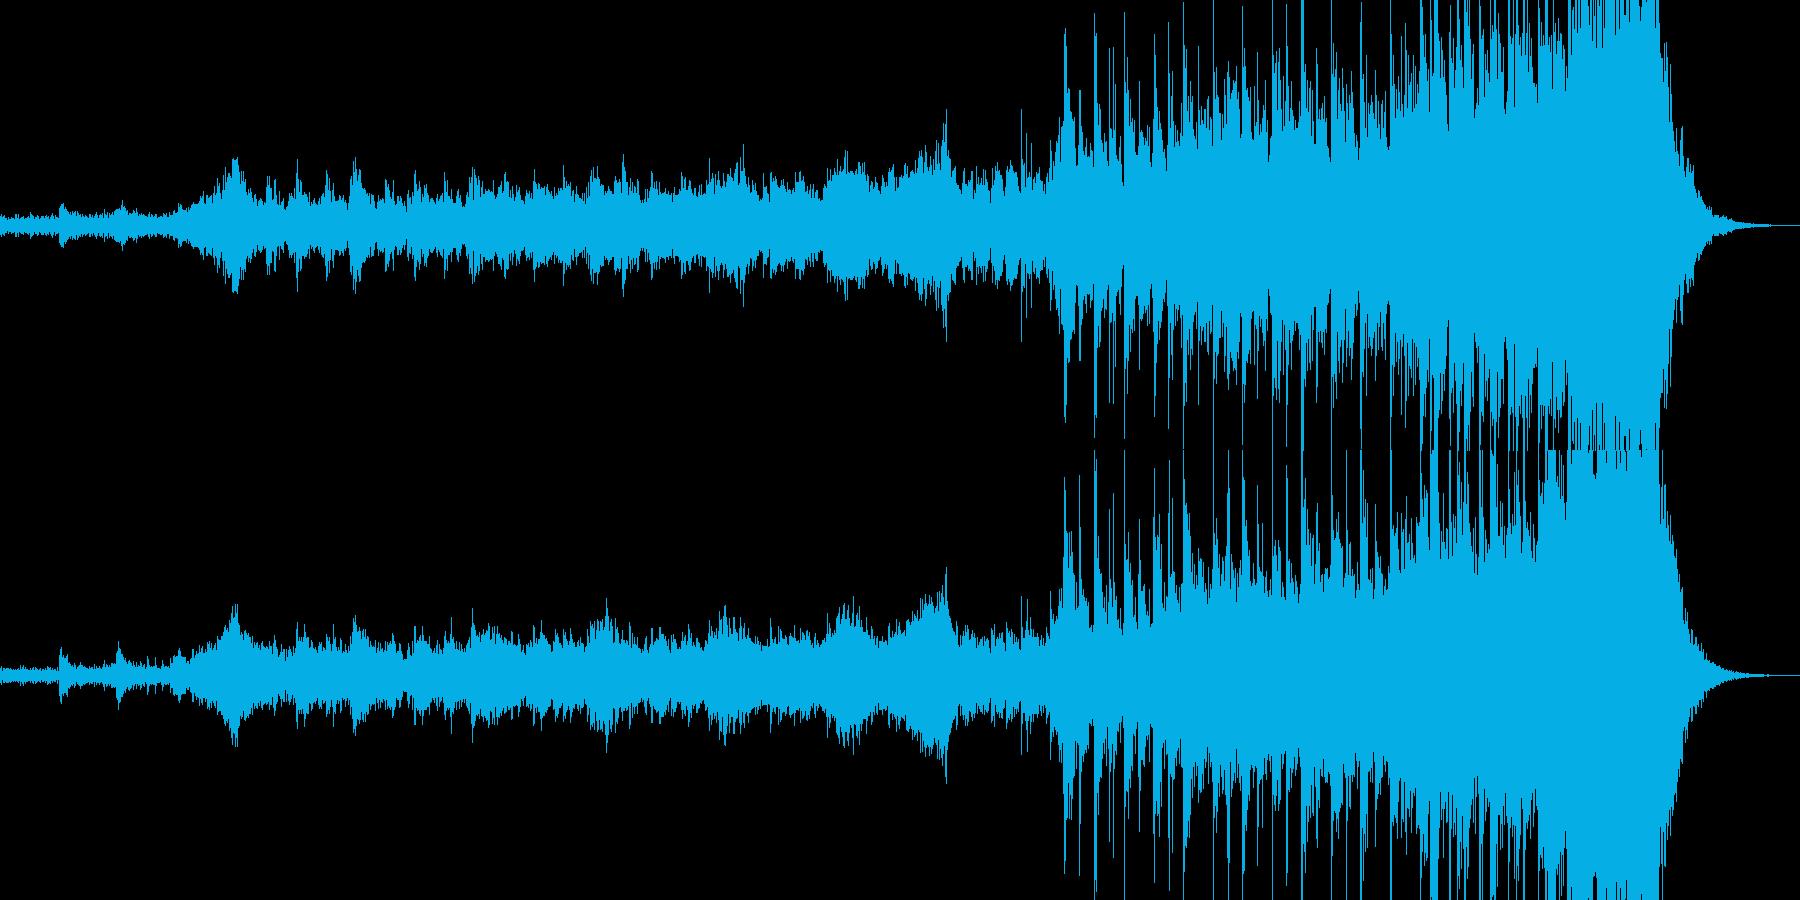 シリアス重厚で迫力ある曲・トレーラーの再生済みの波形